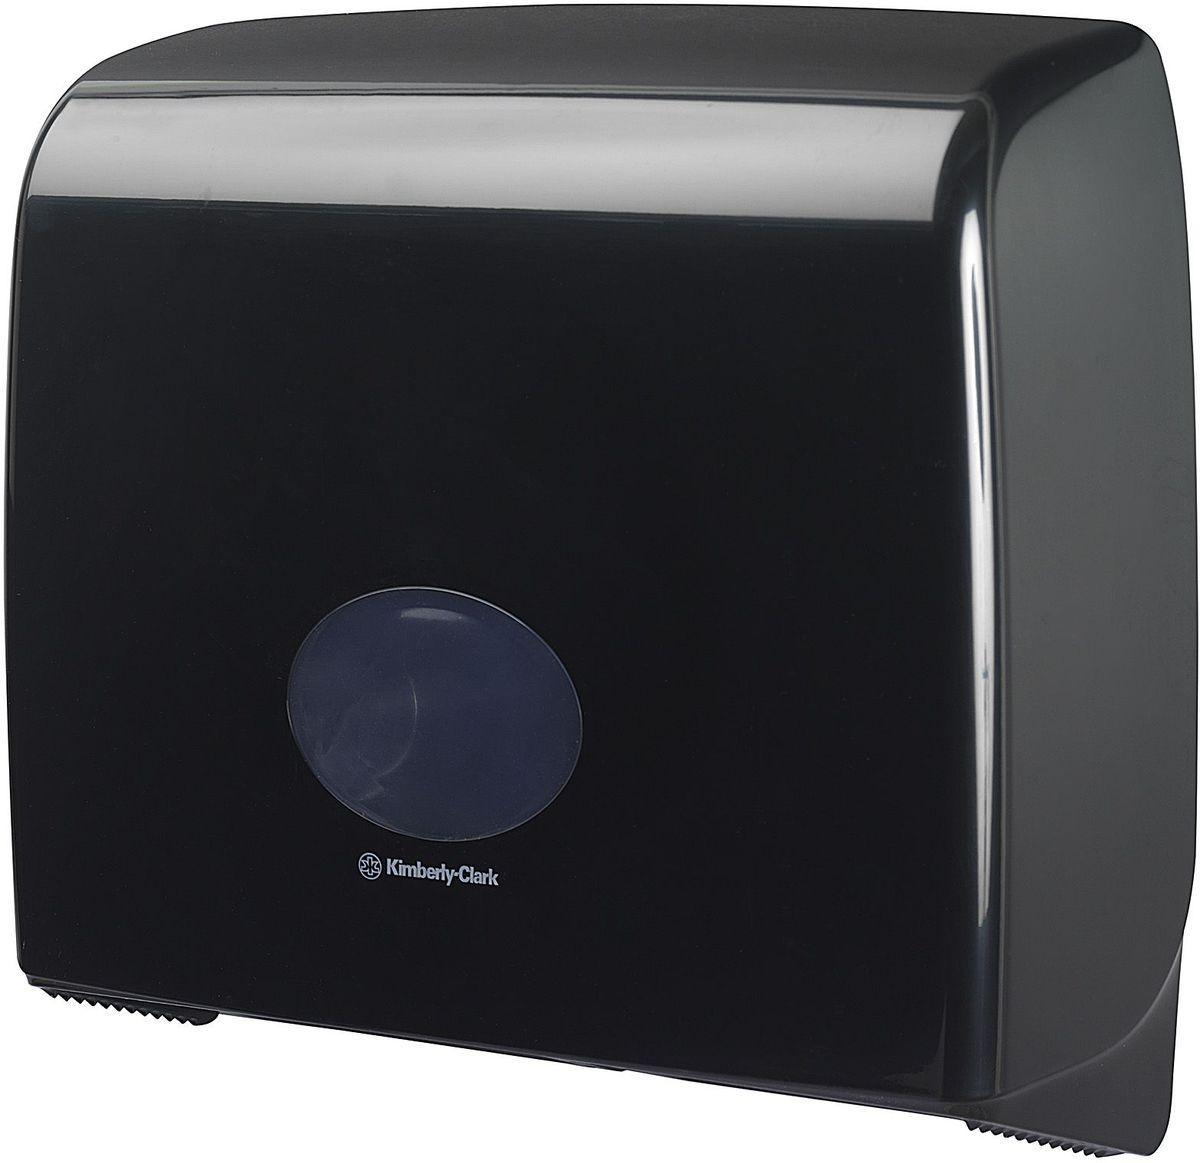 Диспенсер для туалетной бумаги Aquarius Jumbo, большой рулон, цвет: черный. 718474-0120Ассортимент диспенсеров для рулонной туалетной бумаги, которые выполнены в одном стиле с диспенсерами для мыла и для полотенец для рук. Диспенсеры мотивируют сотрудников соблюдать гигиенические нормы, повышают уровень комфорта, демонстрируют заботу о персонале и помогают сократить расходы. Идеальное решение, обеспечивающее подачу рулонной туалетной бумаги из элегантного диспенсера в туалетных комнатах с высокой проходимостью, легкая загрузка, практичное, гигиеничное и экономичное решение.Формат поставки: диспенсер современного дизайна, обтекаемой формы, обеспечивающий быструю заправку; черное глянцевое, легко очищаемое покрытие; отсутствие мест скопления пыли и грязи; смотровое окно для контроля за расходными материалами; возможность выбора цветовых вставок в соответствие с интерьером конкретных туалетных комнат. Замена диспенсера 6987. Совместим с туалетной бумагой: 8440, 8442, 8446, 8449, 8474, 8484, 8517, 8519, 8559.